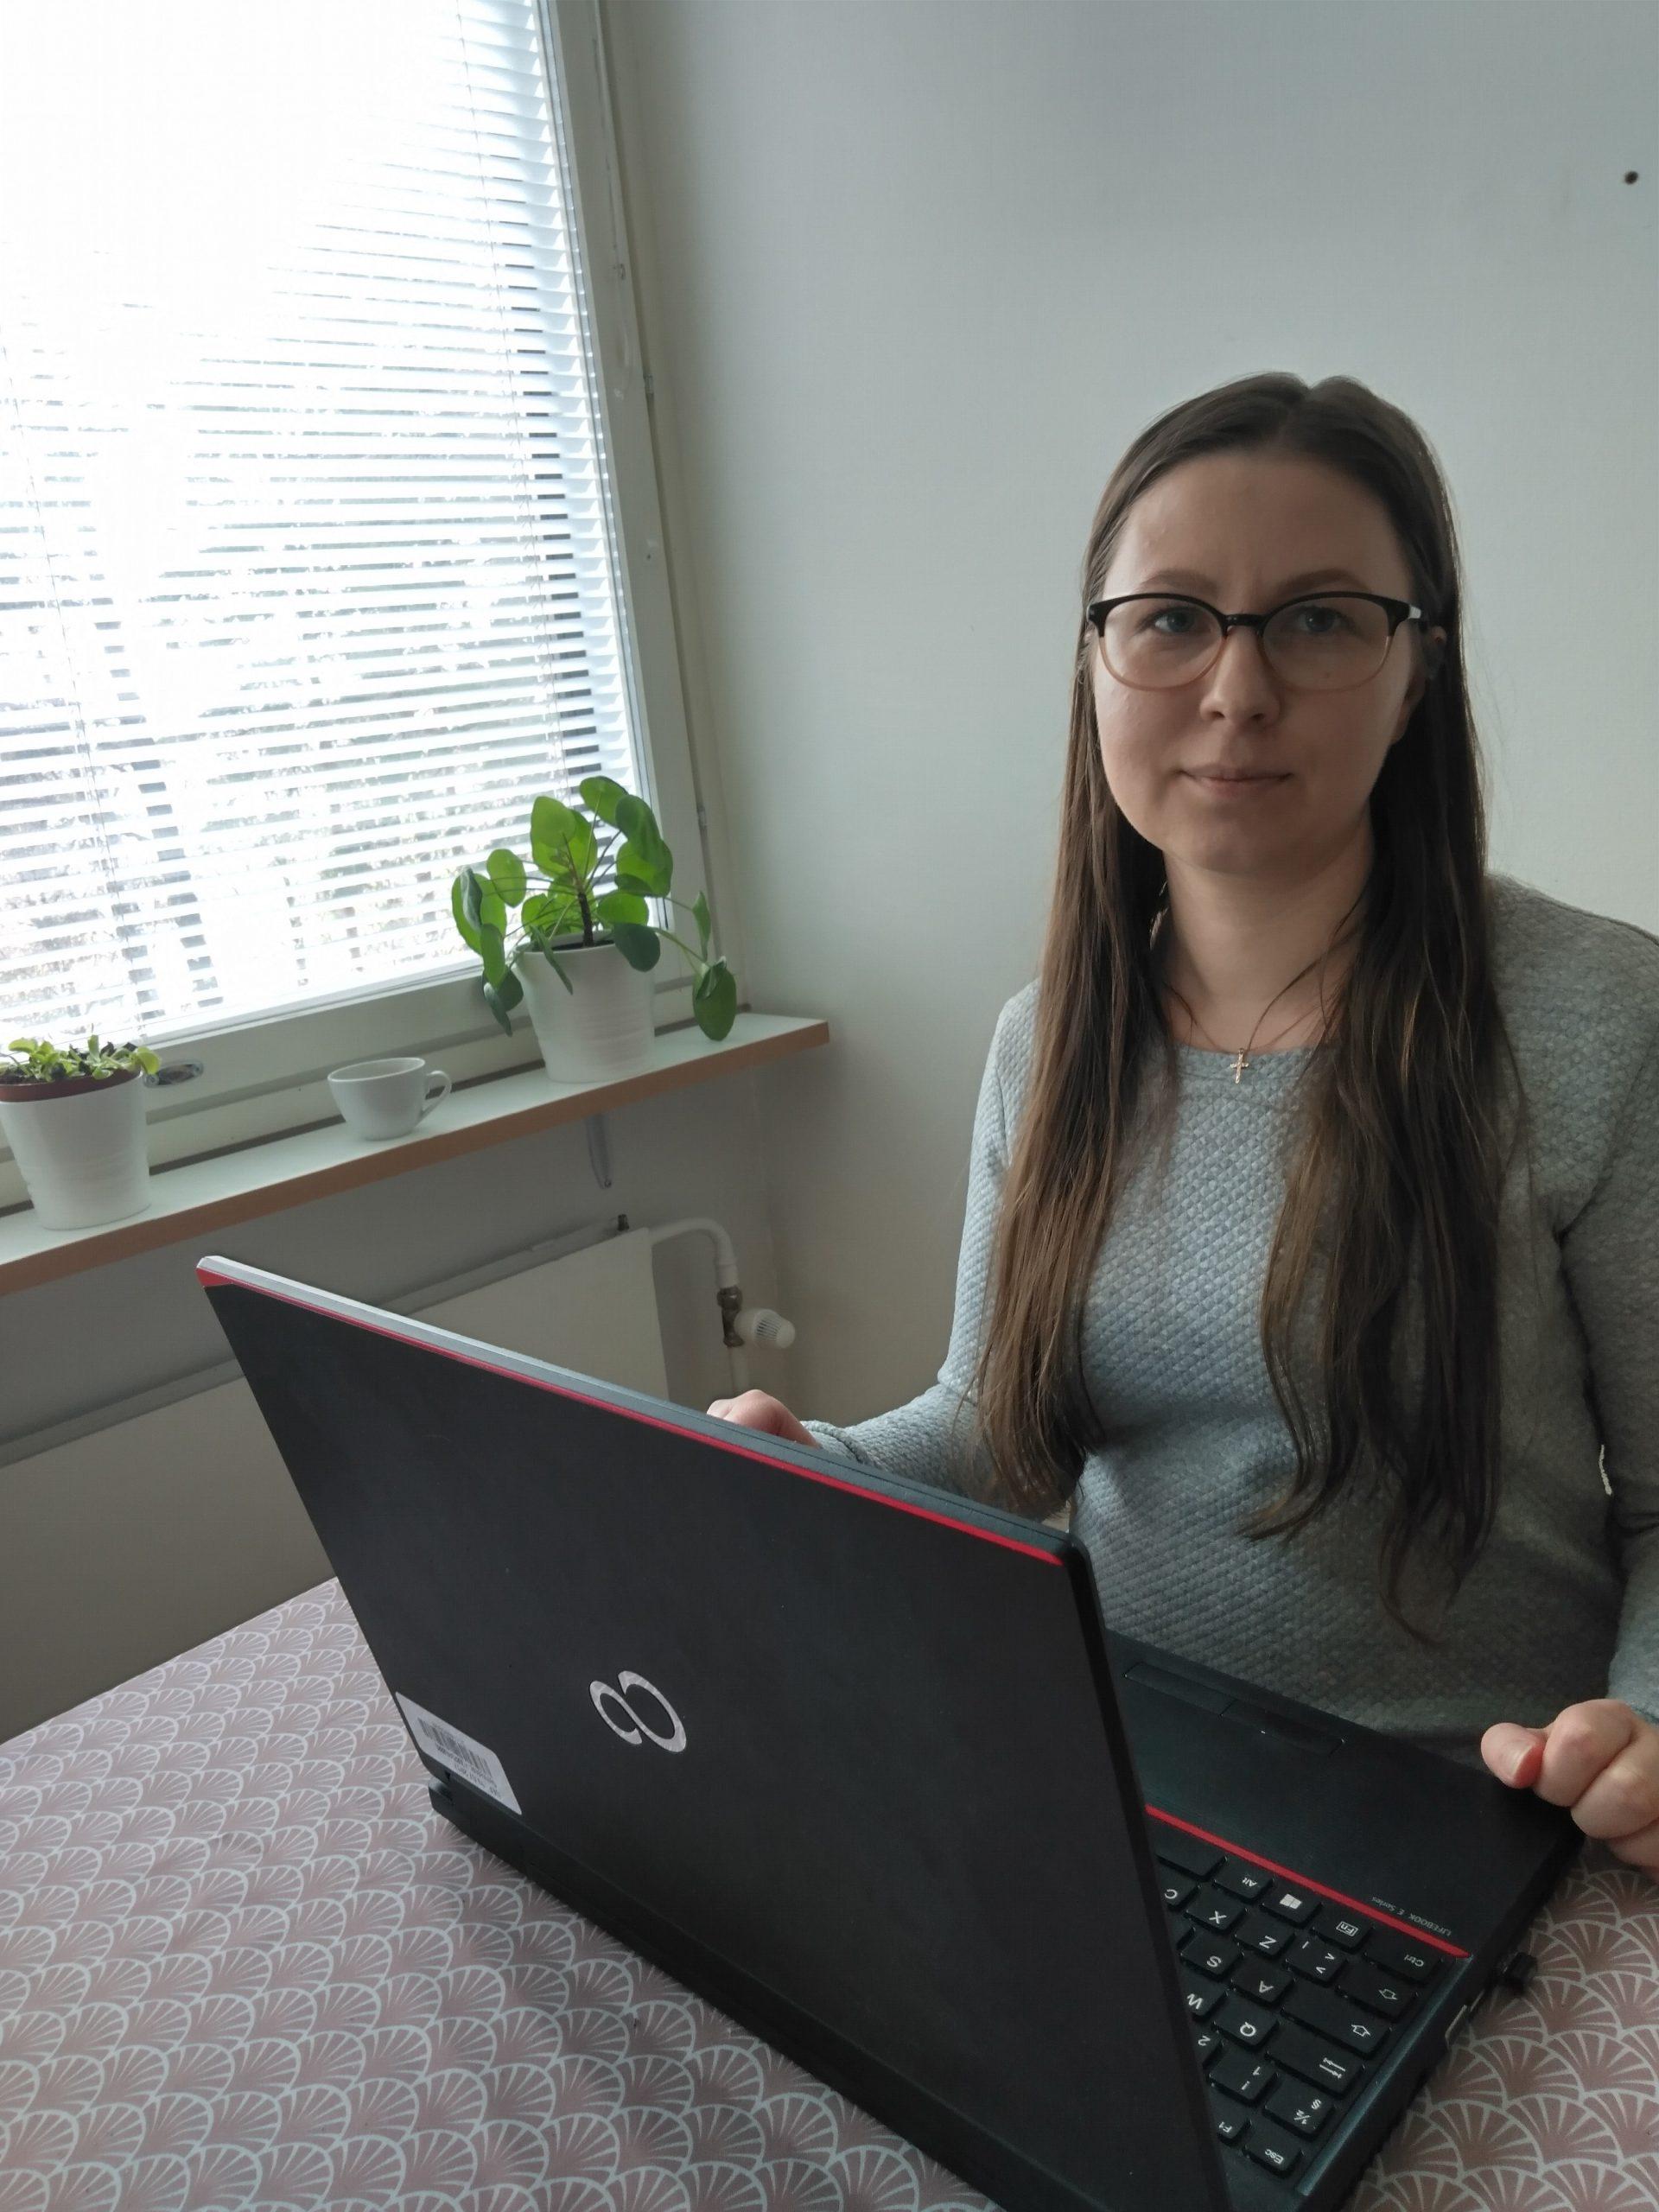 Tietopalveluneuvoja tekee etätöitä. Nainen pöydän ääressä, pöydällä kannettava tietokone, taustalla ikkuna, ikkunalaudalla viherkasveja. Woman with a laptop on a table, on the background window, plants on the windowsill.